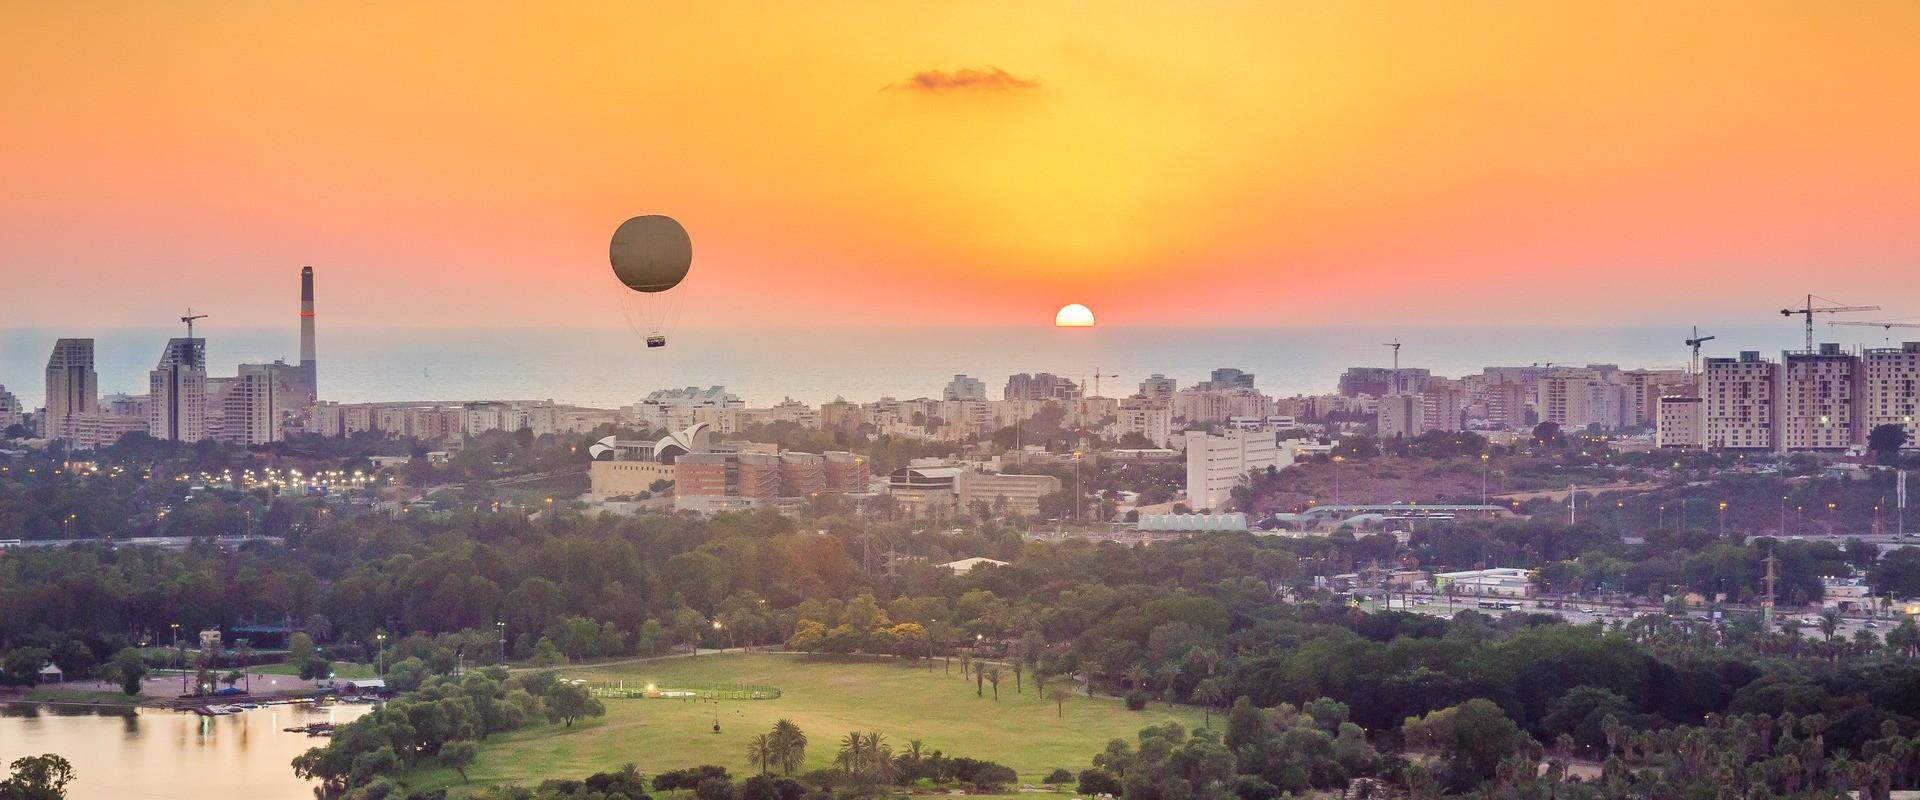 Hot Air Balloon Flight in Israel